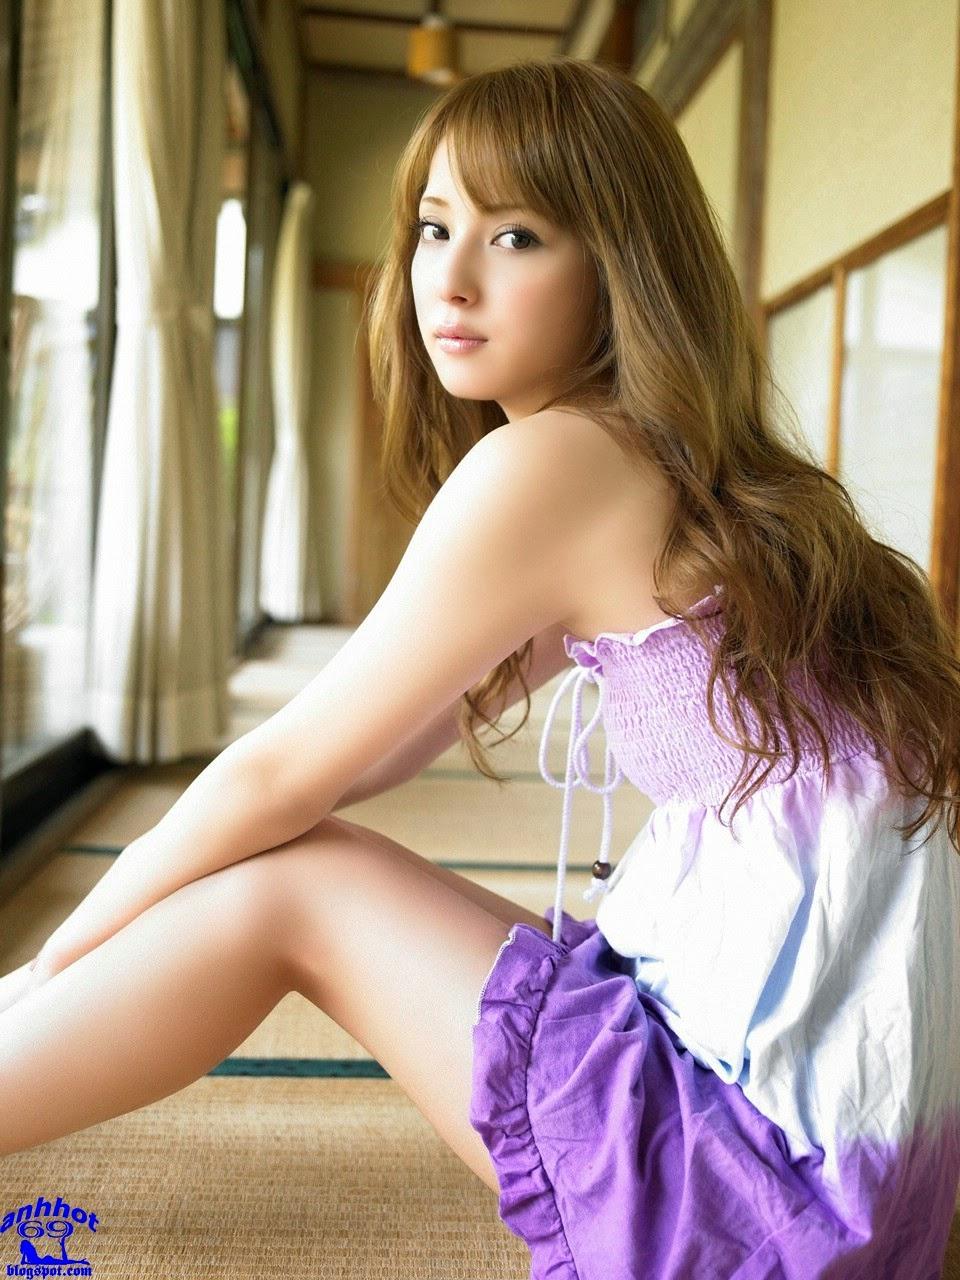 nozomi-sasaki-00469220